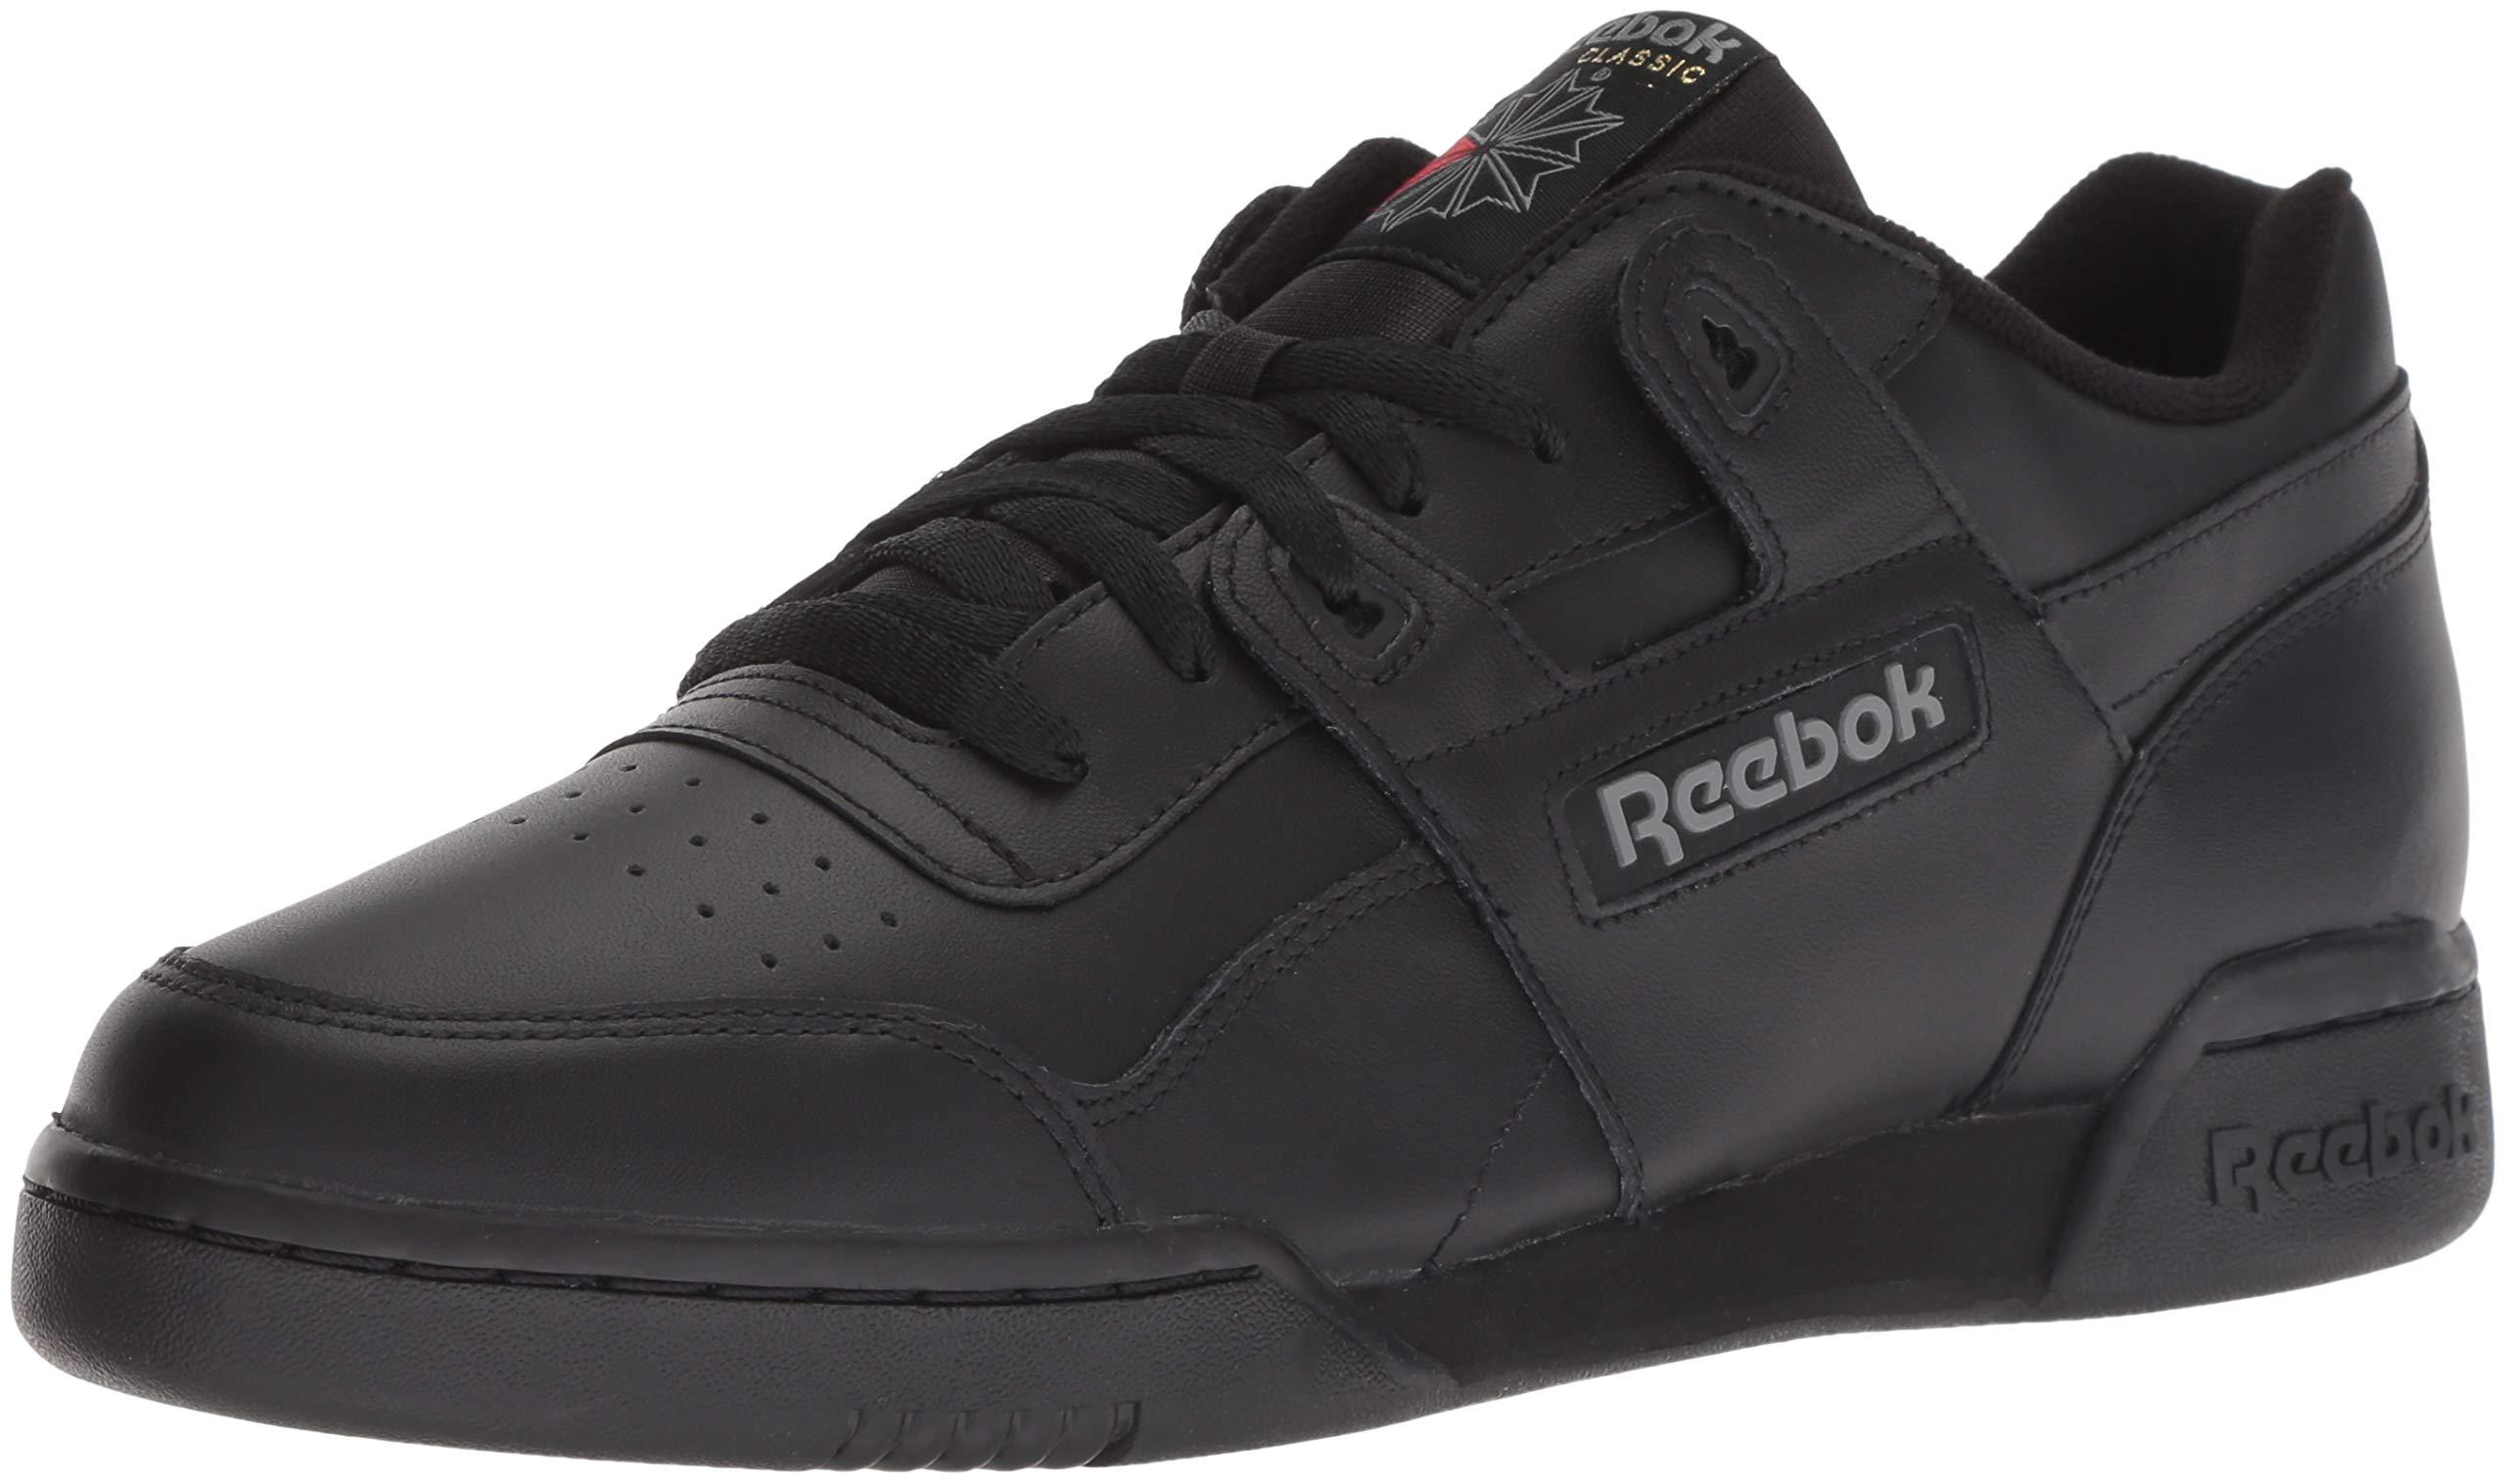 Reebok Men's Workout Plus Sneaker, Black/Charcoal, 8 M US by Reebok